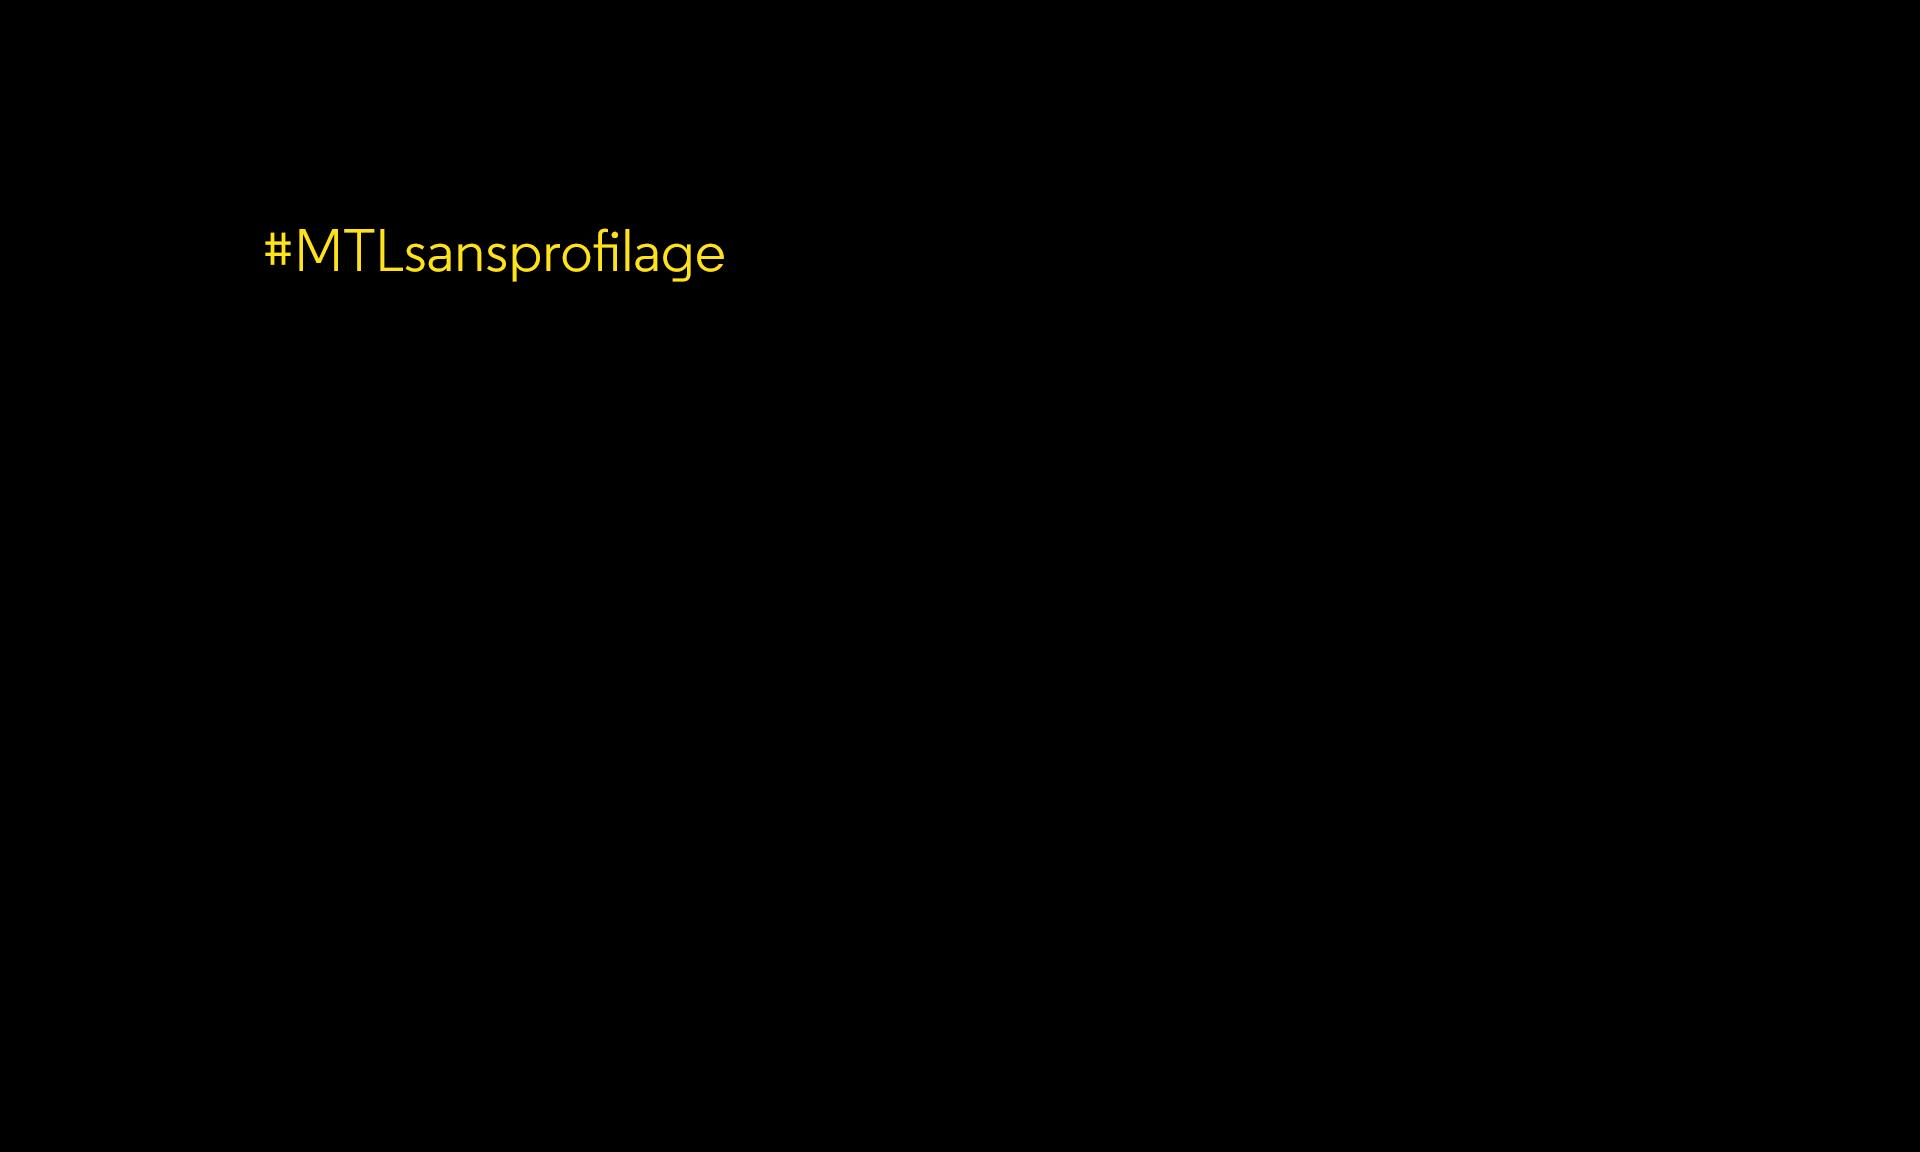 MTLSansprofilage_01.jpg